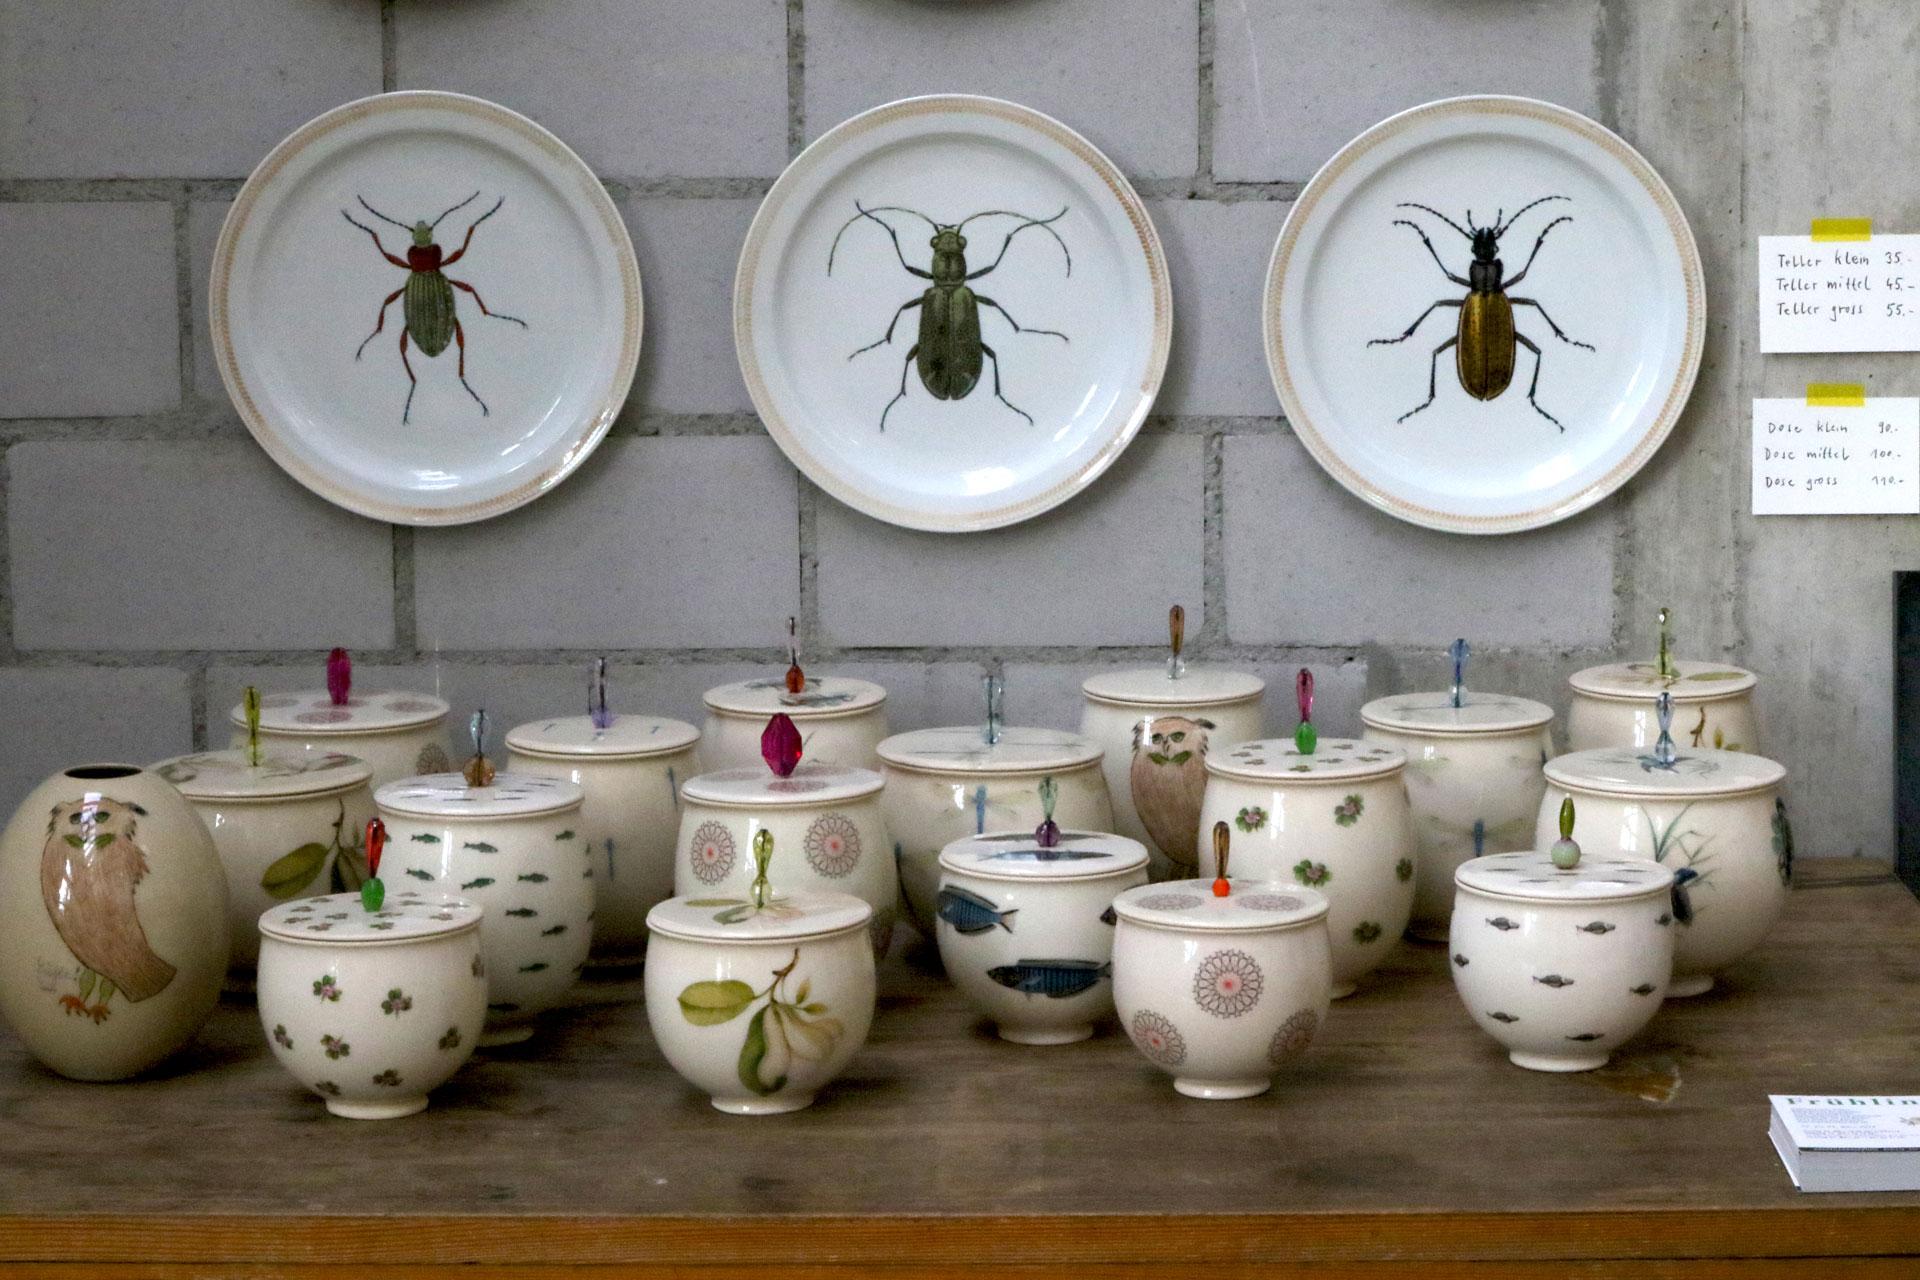 Frühlingsmarkt: Dosen und Käfer von Jeanne Koepp